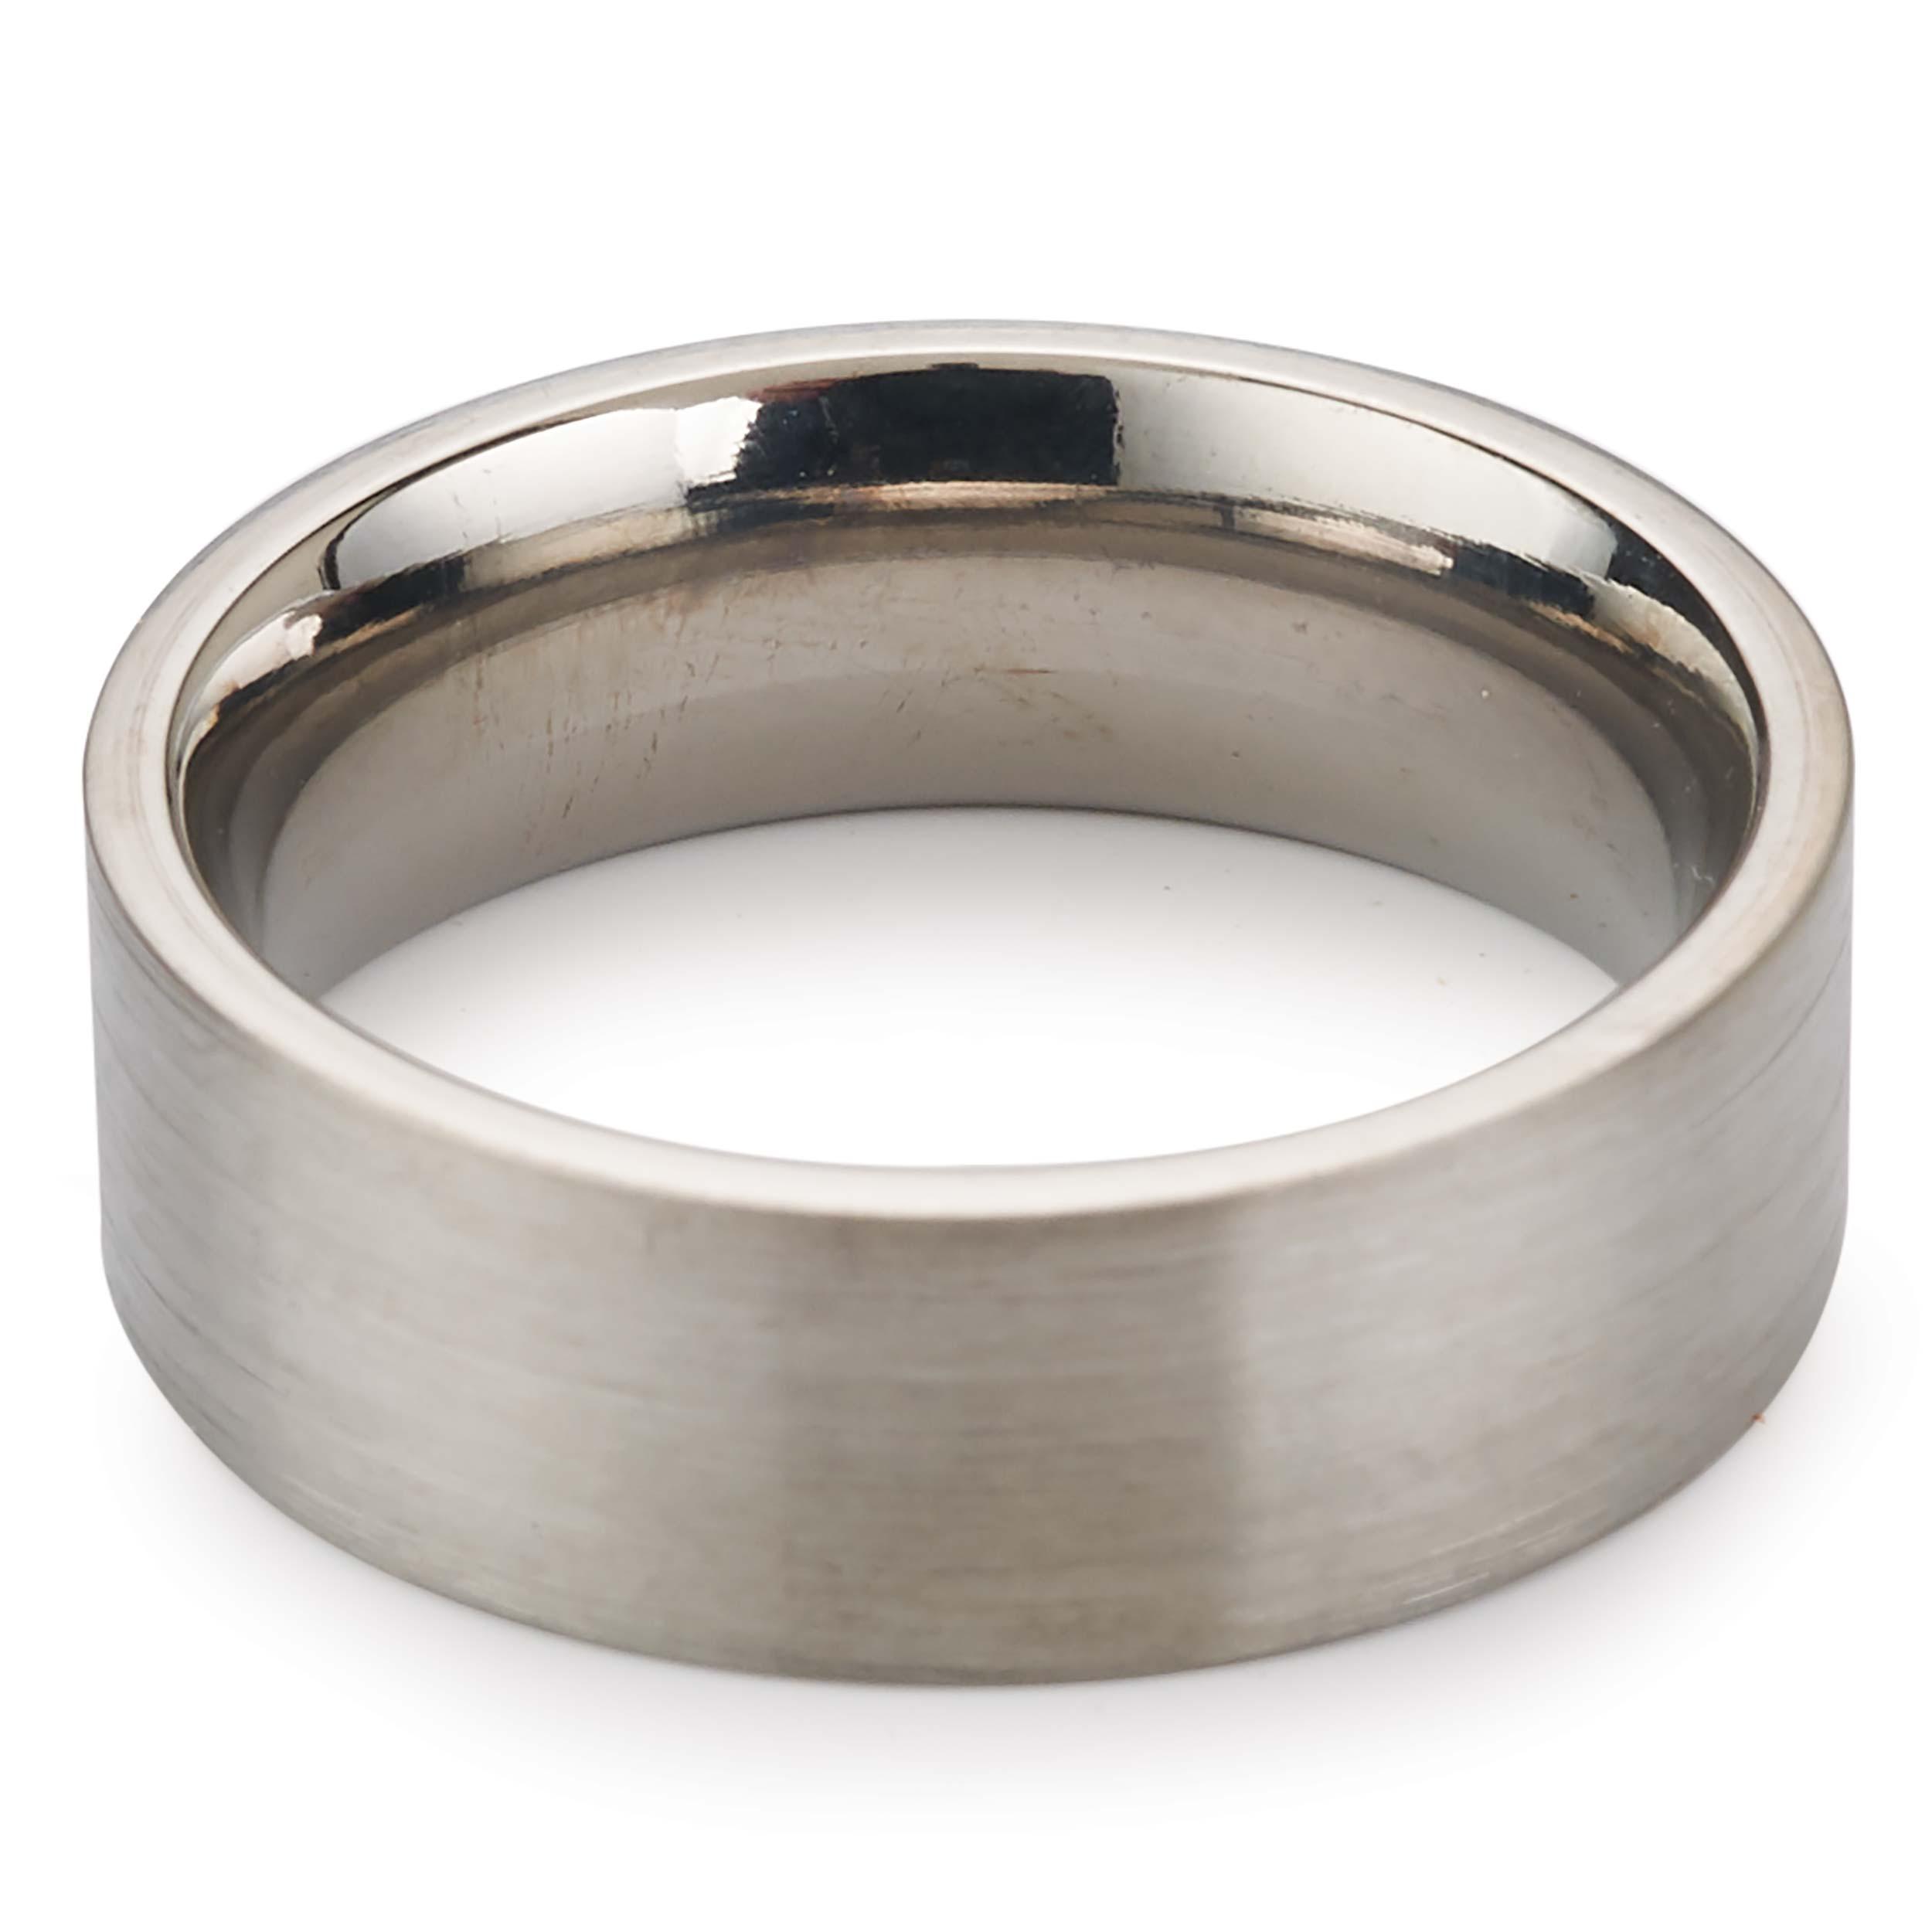 Comfort Ring Core - 64AL-4V Titanium - 6mm, Size 5